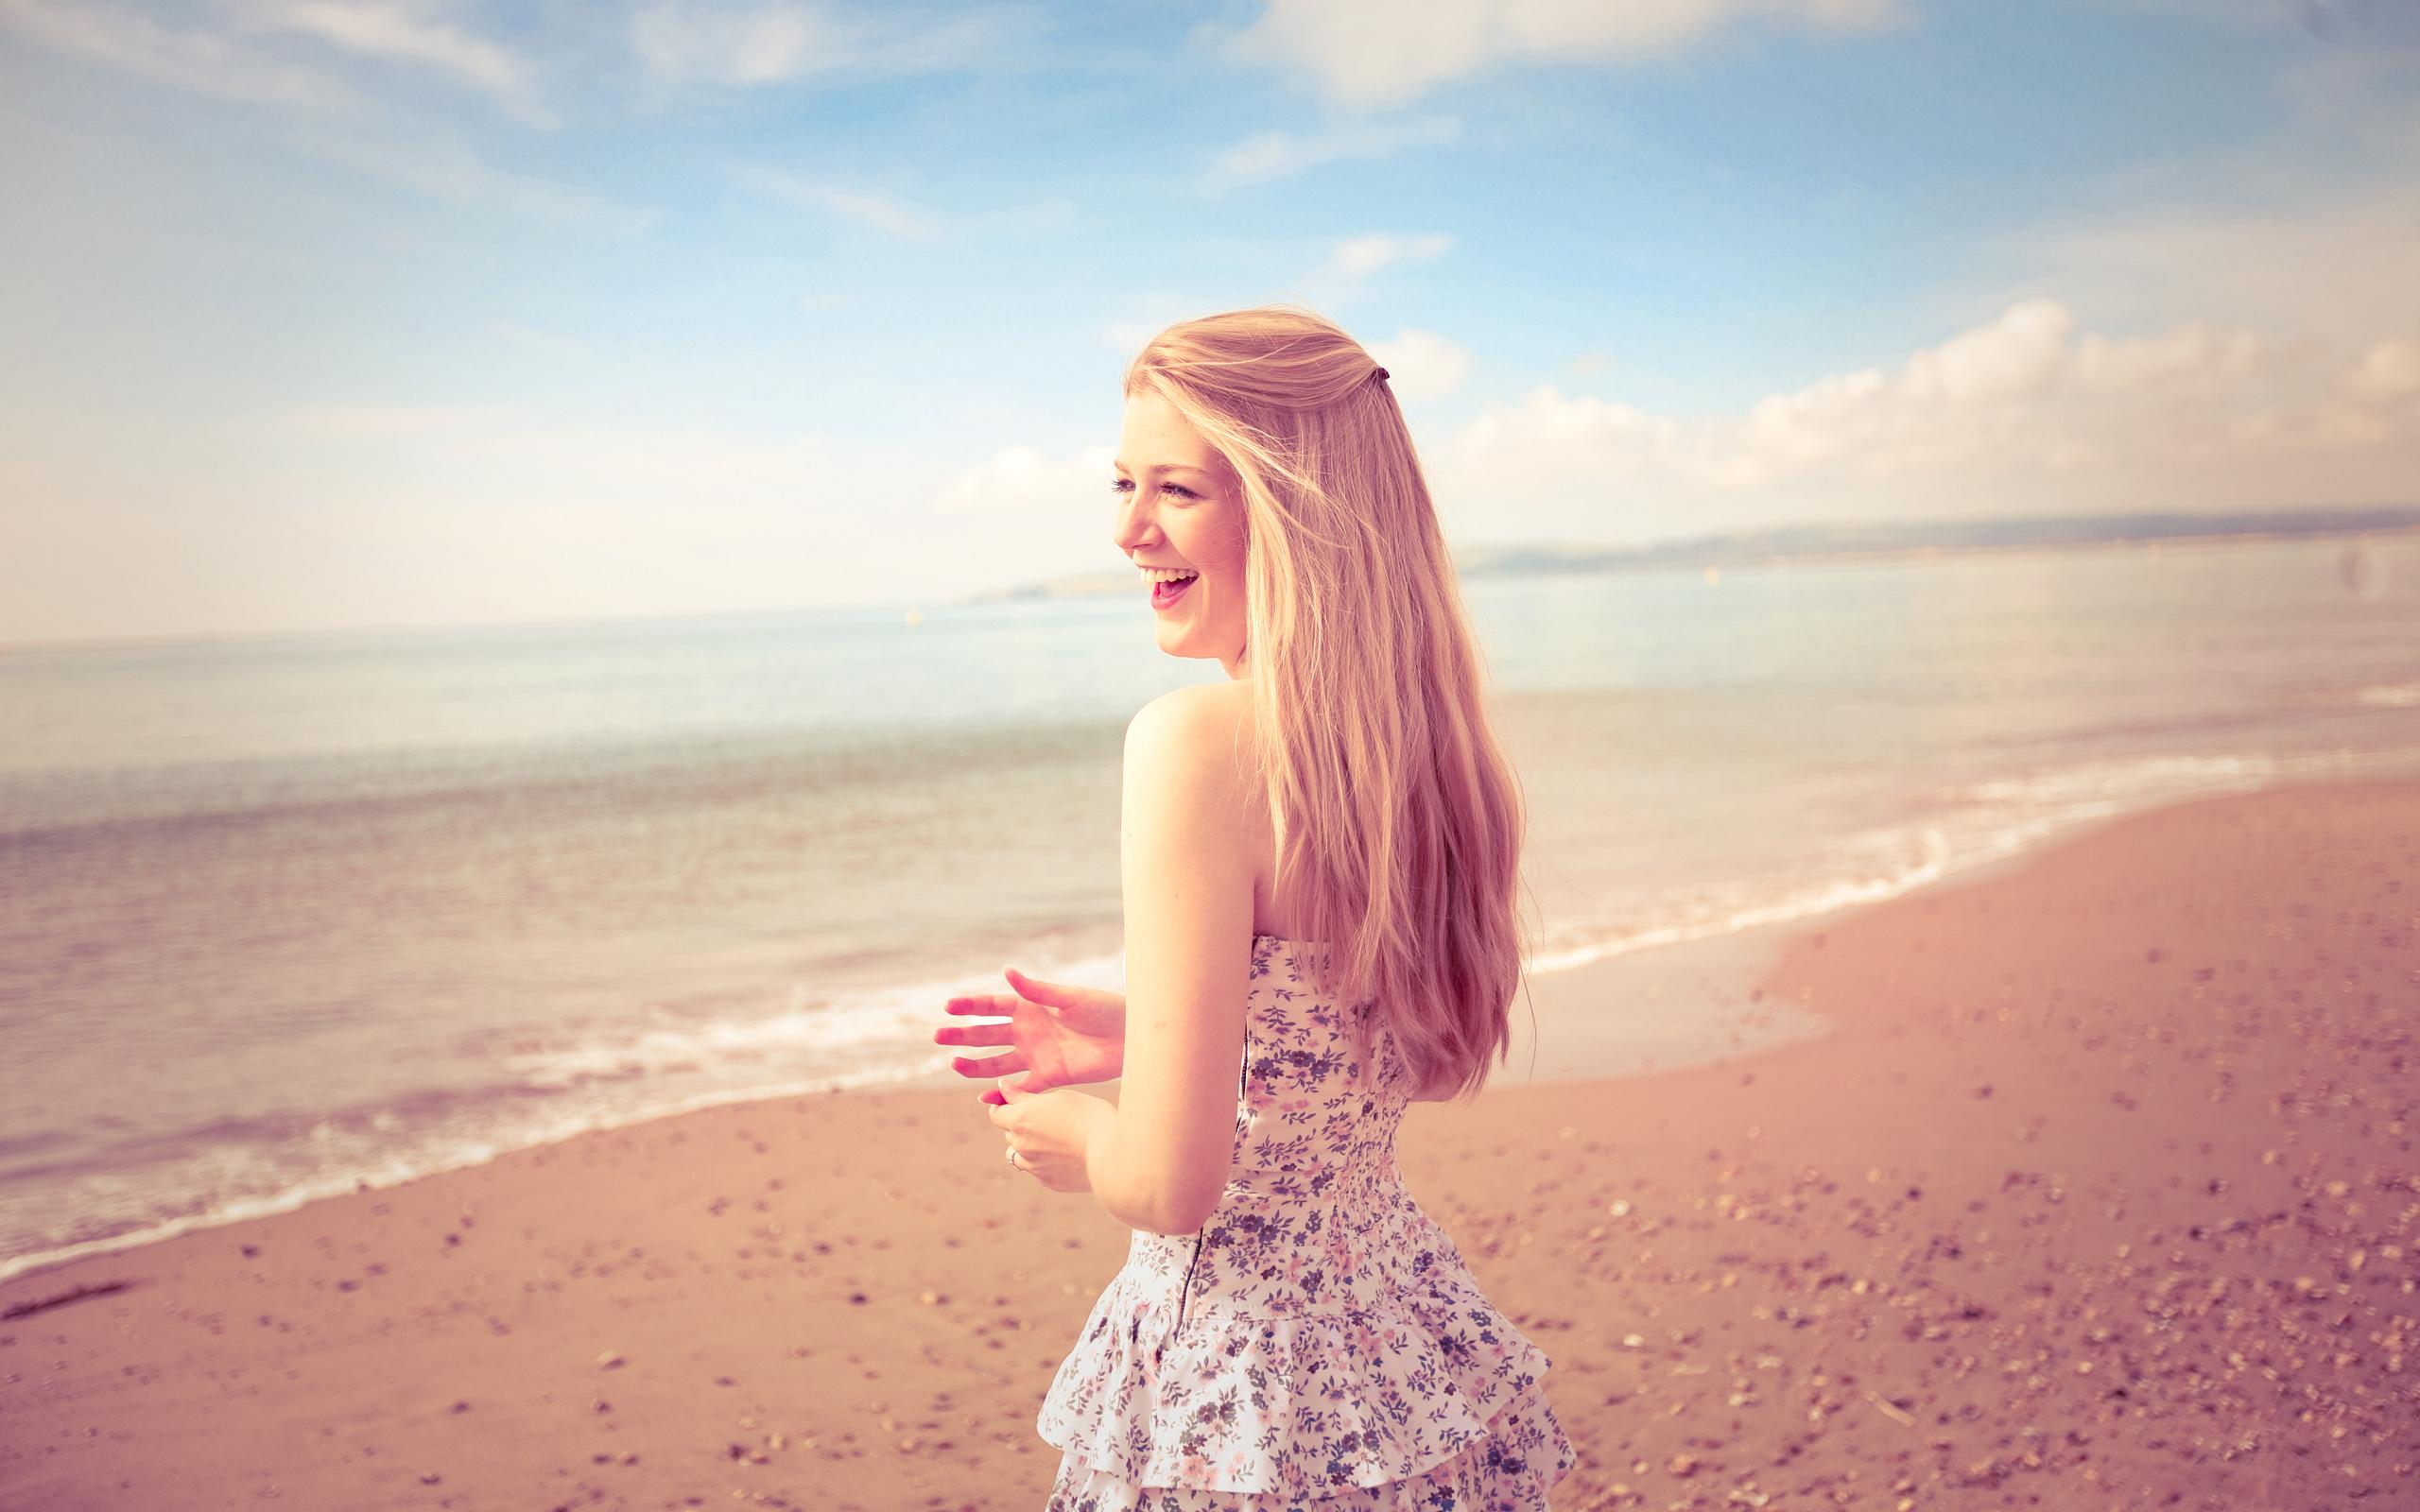 Фото девушек с русыми волосами на пляже 8 фотография